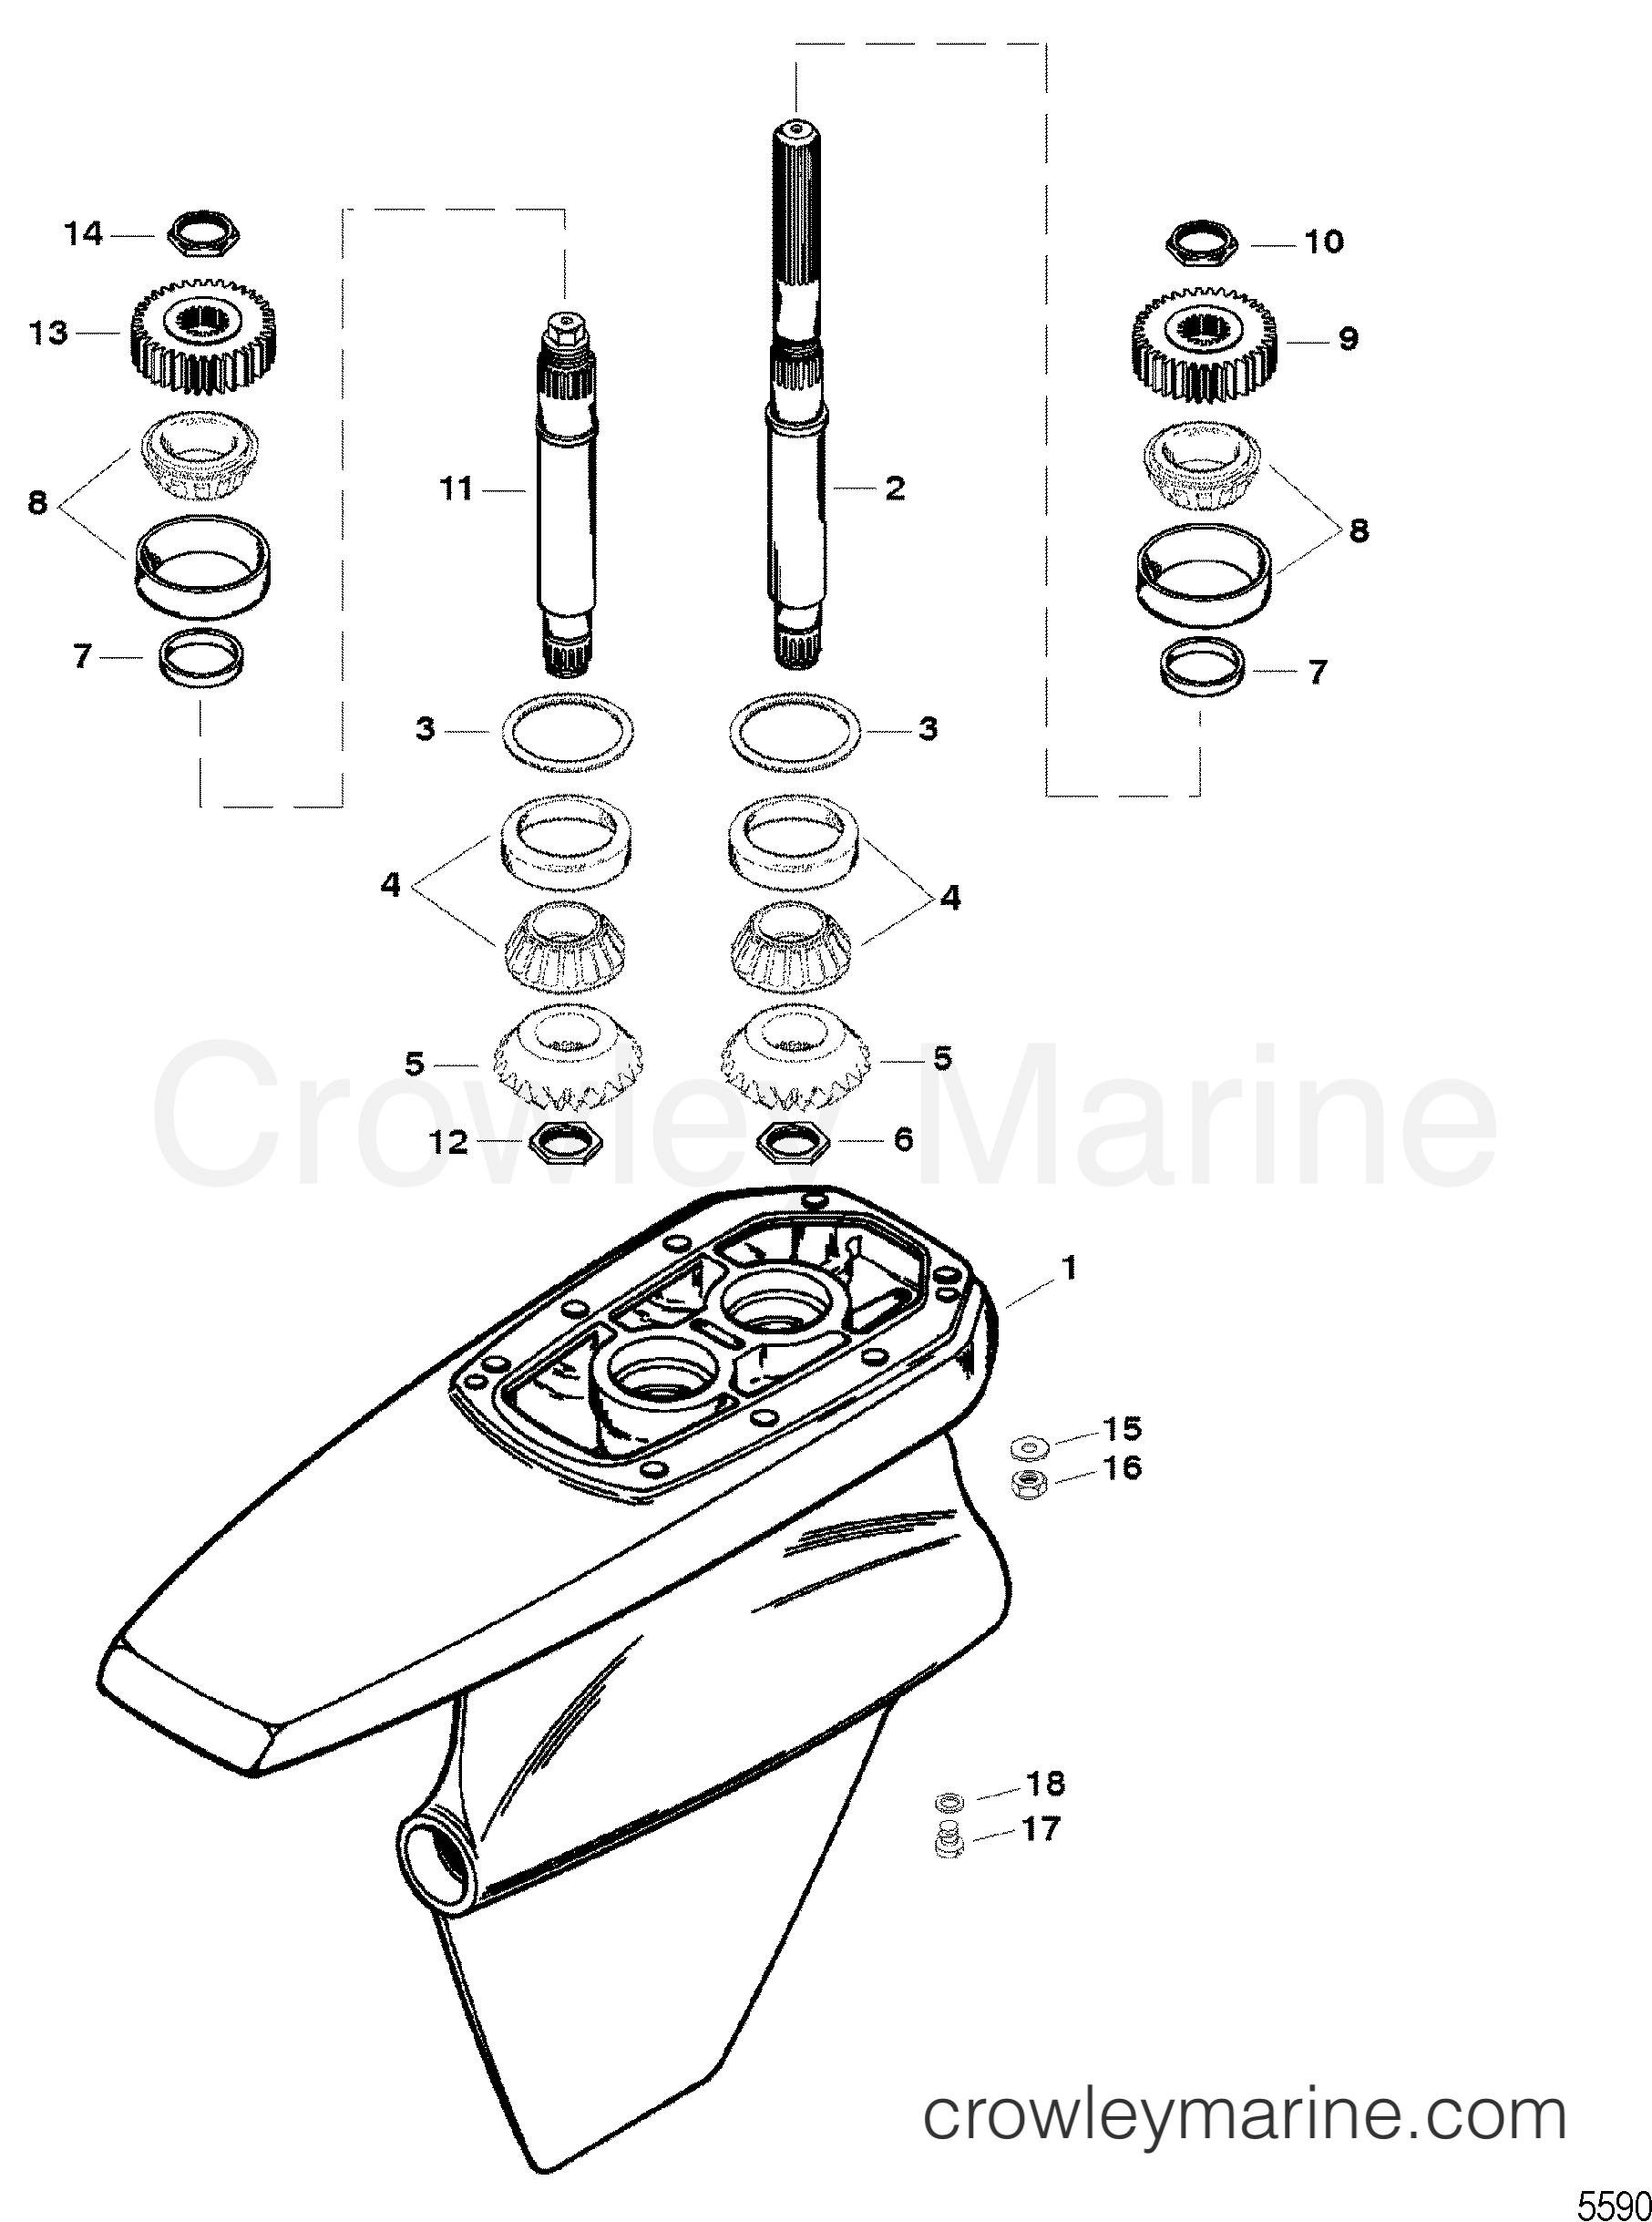 1996 Mercruiser Race Sterndrive SSM6 [1.607:1] - 5614607JH GEAR HOUSING ASSEMBLY(SSM SIX - DRIVESHAFT) section